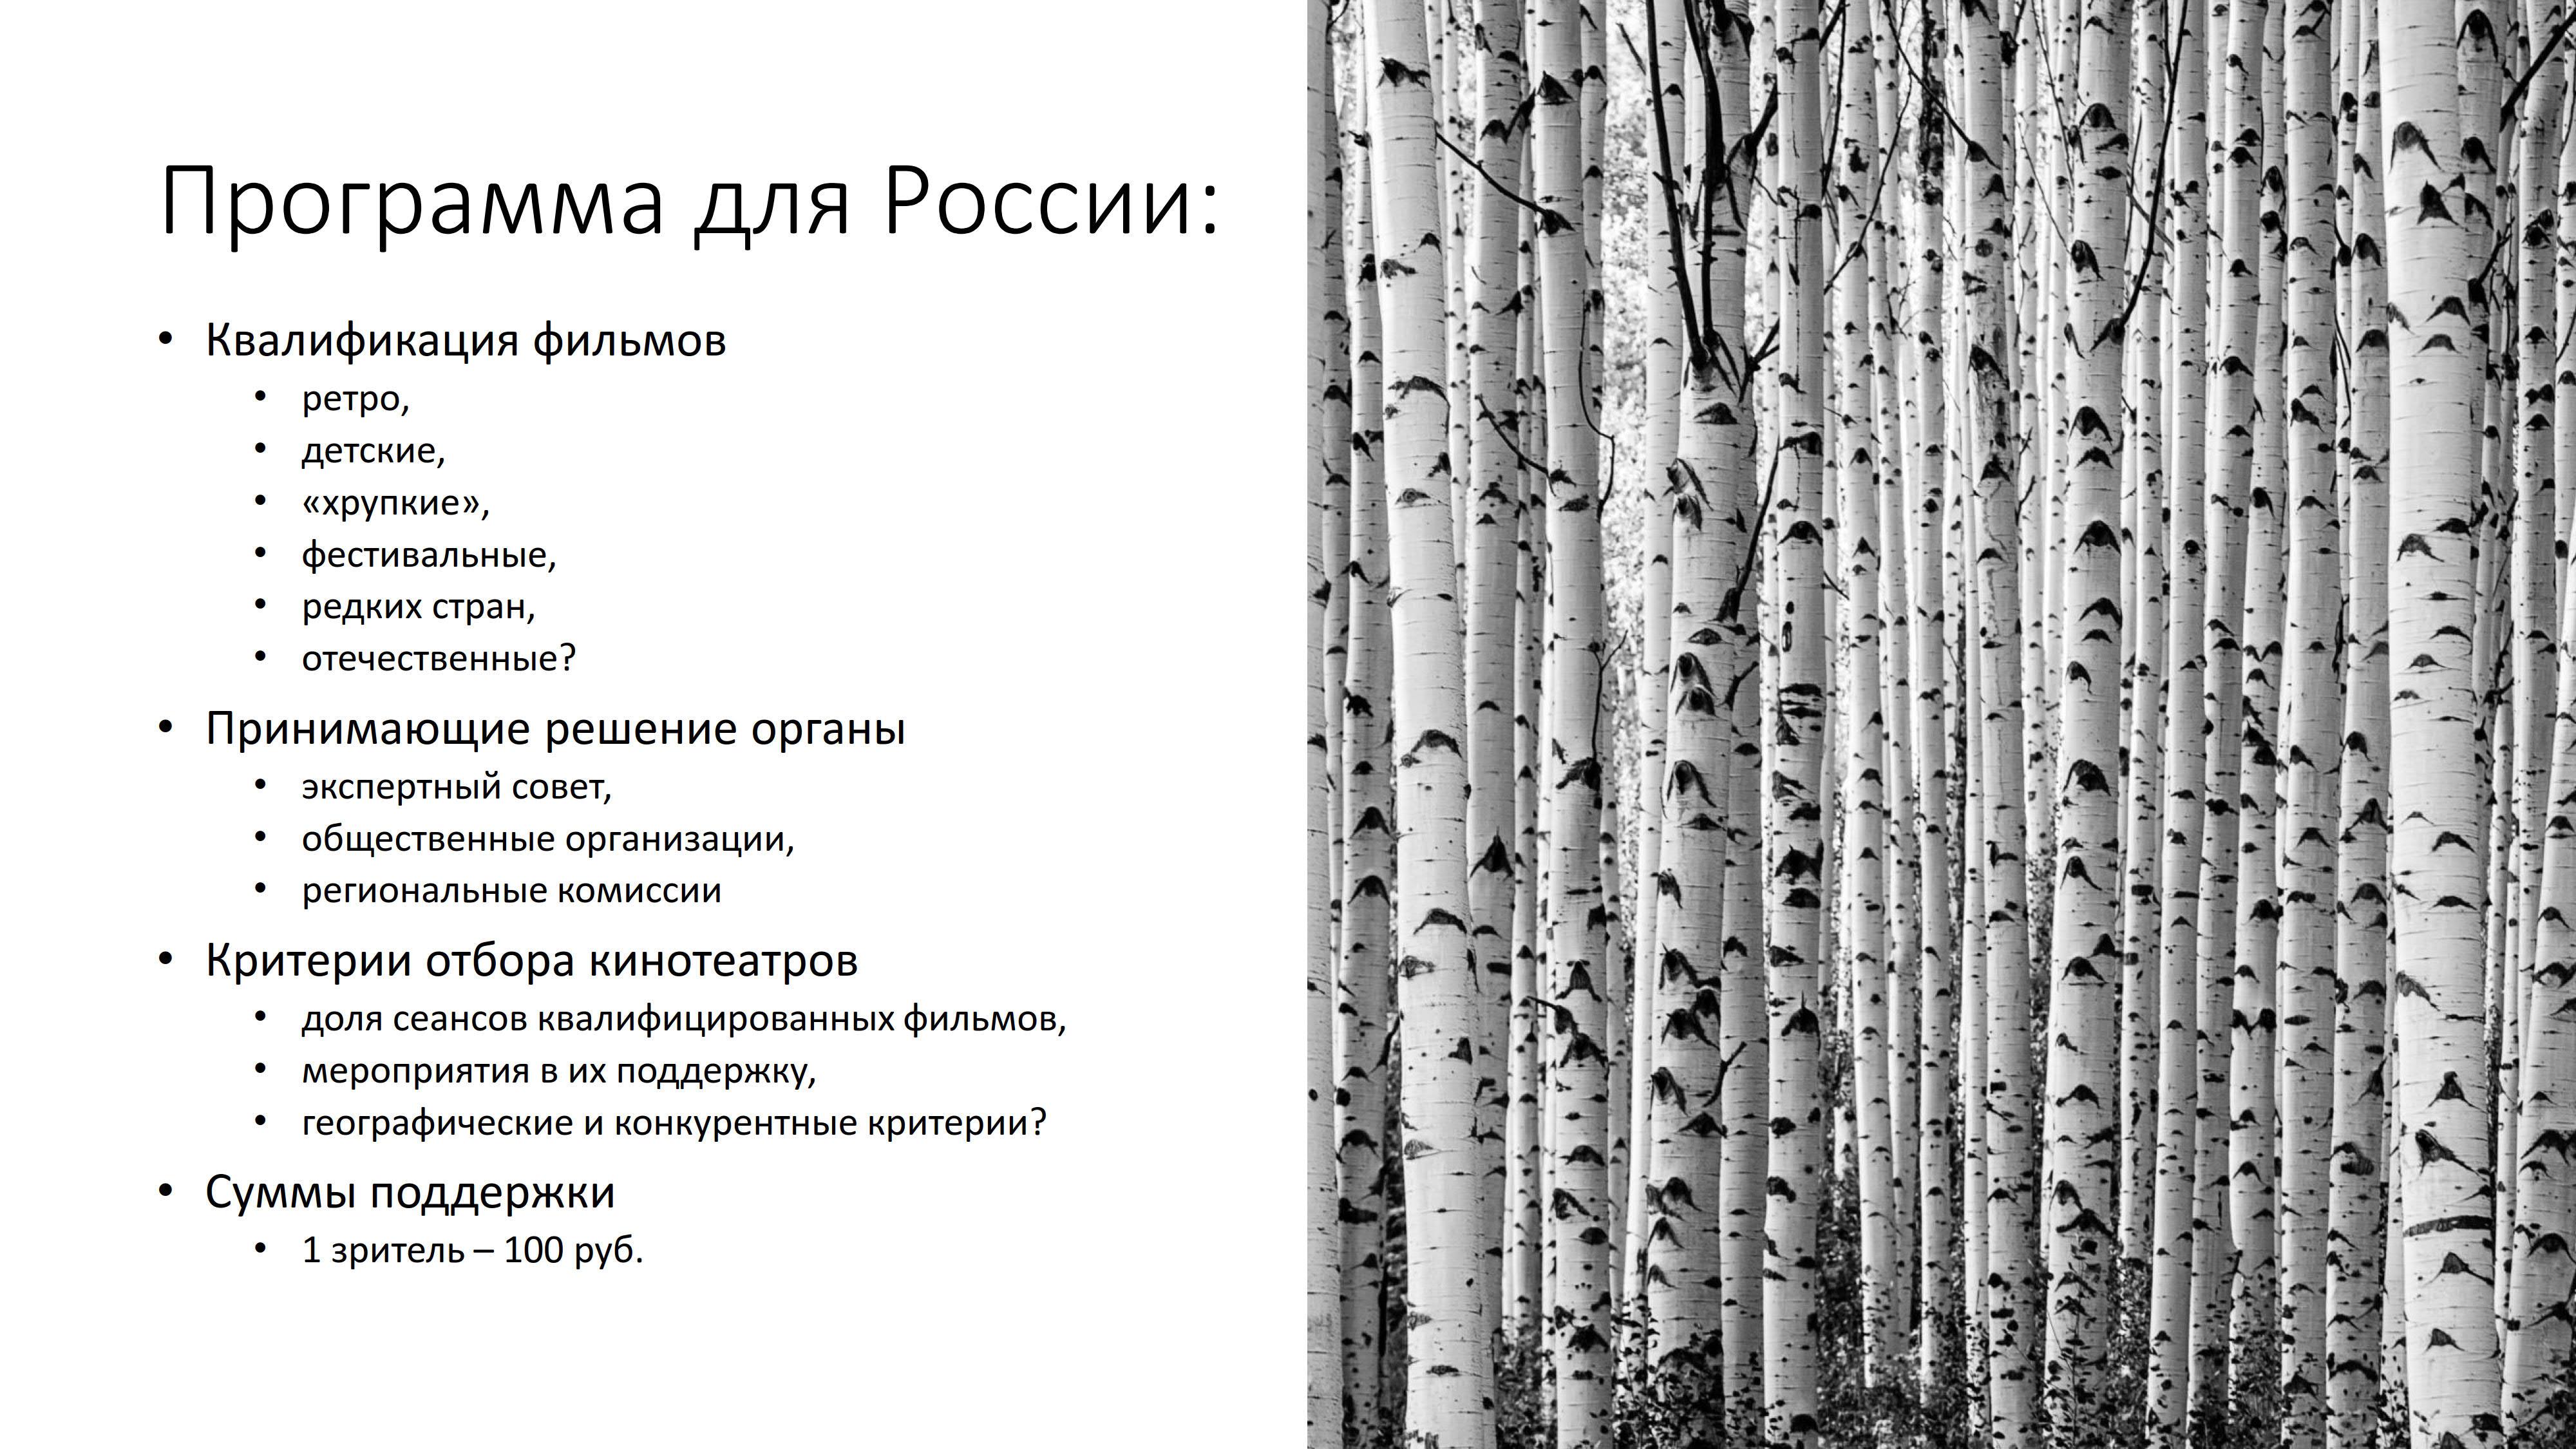 Программа для России